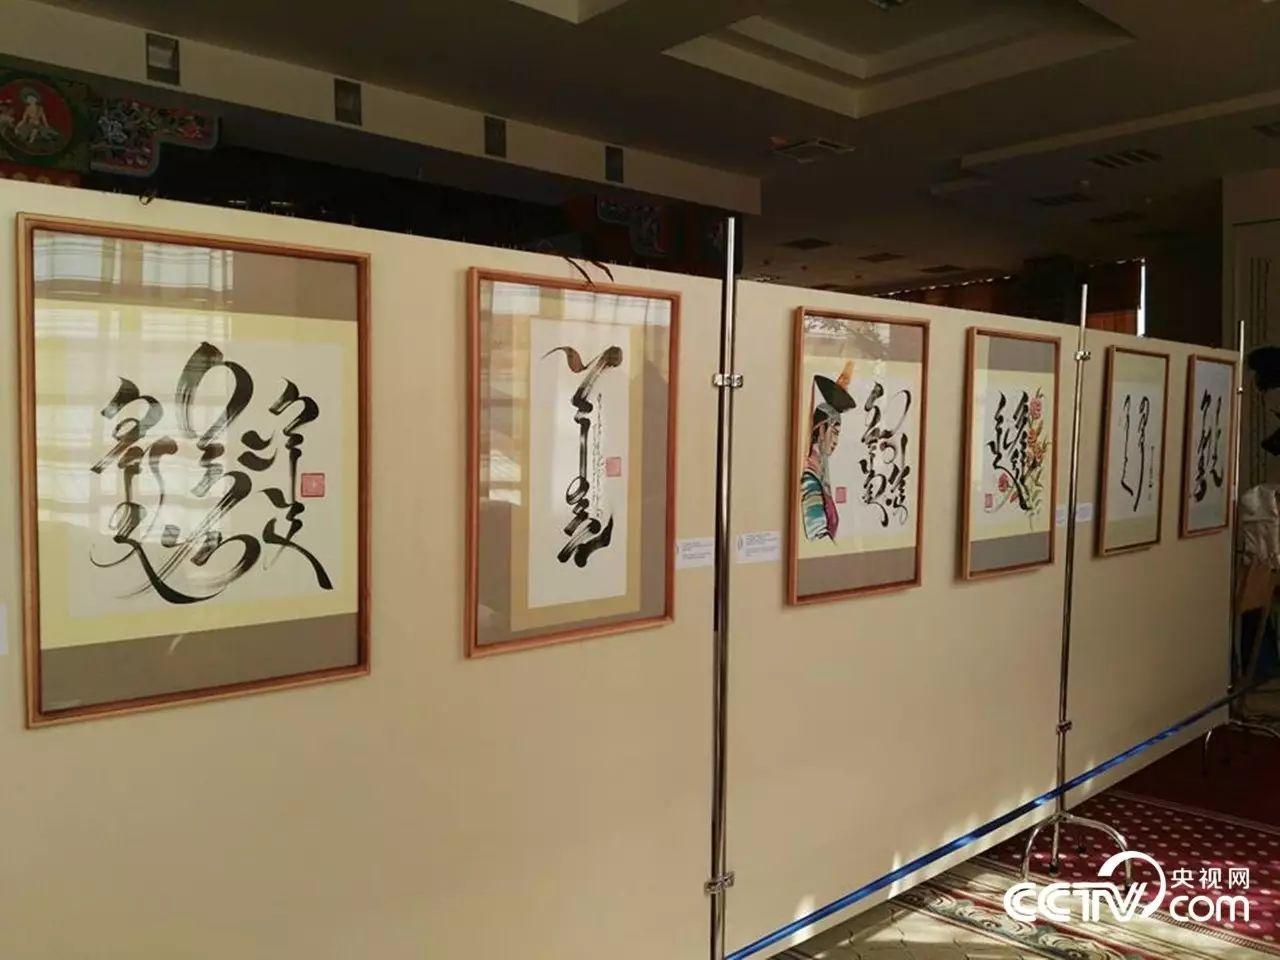 卡尔梅克共和国首次举办蒙古书法展览 第19张